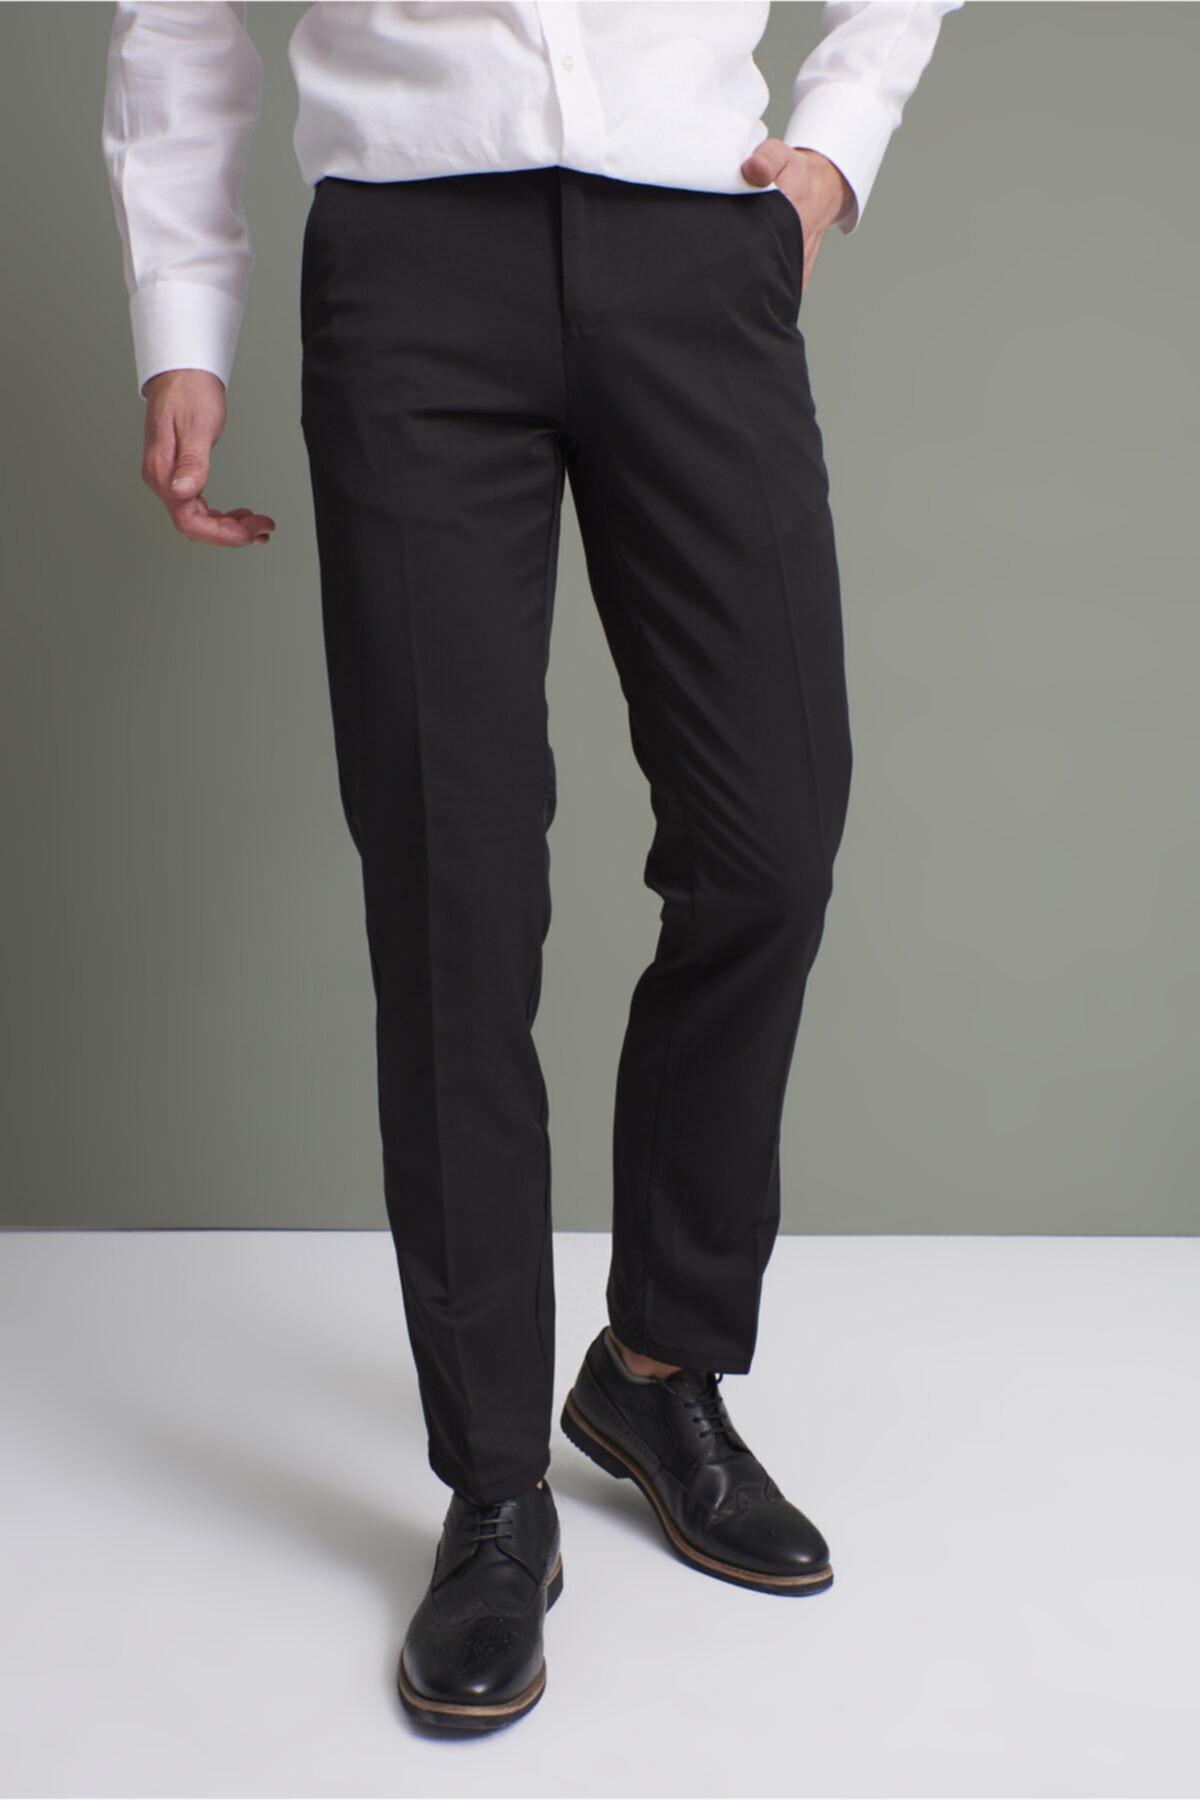 TENA MODA Erkek Siyah Klasik Rahat Kalıpkumaş Pantolon 1